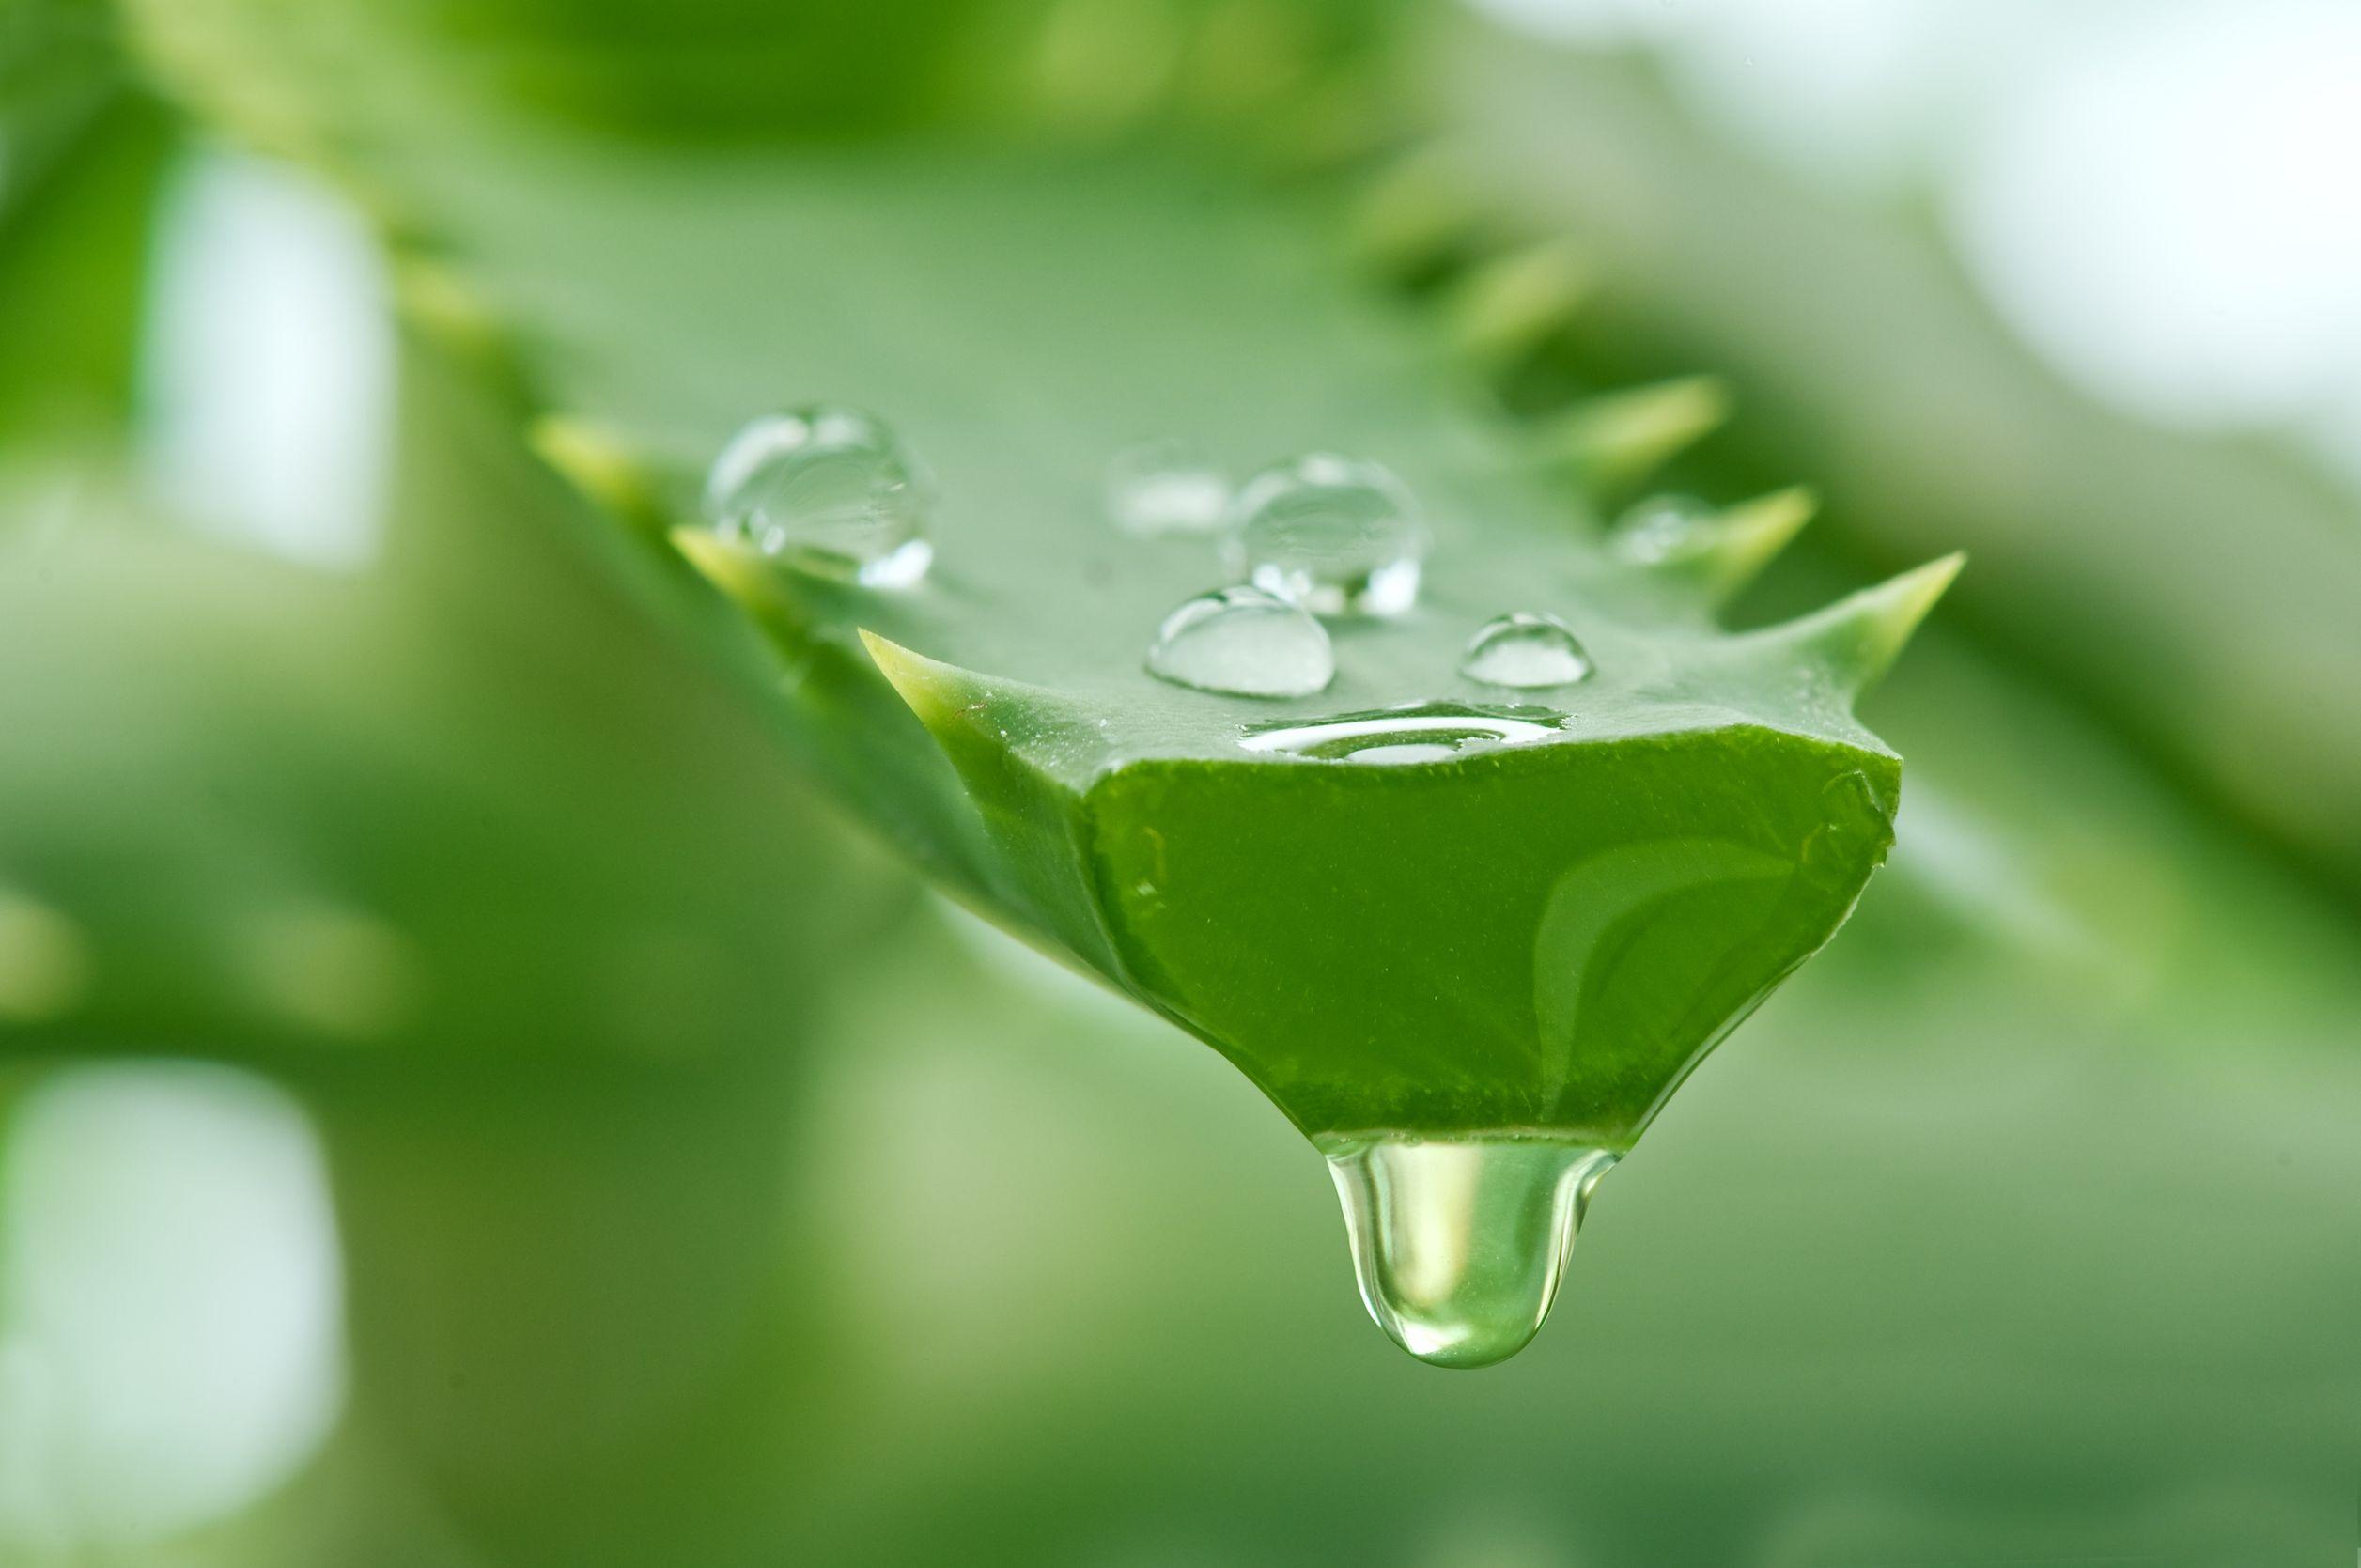 сокотерапия лечебные свойства соков